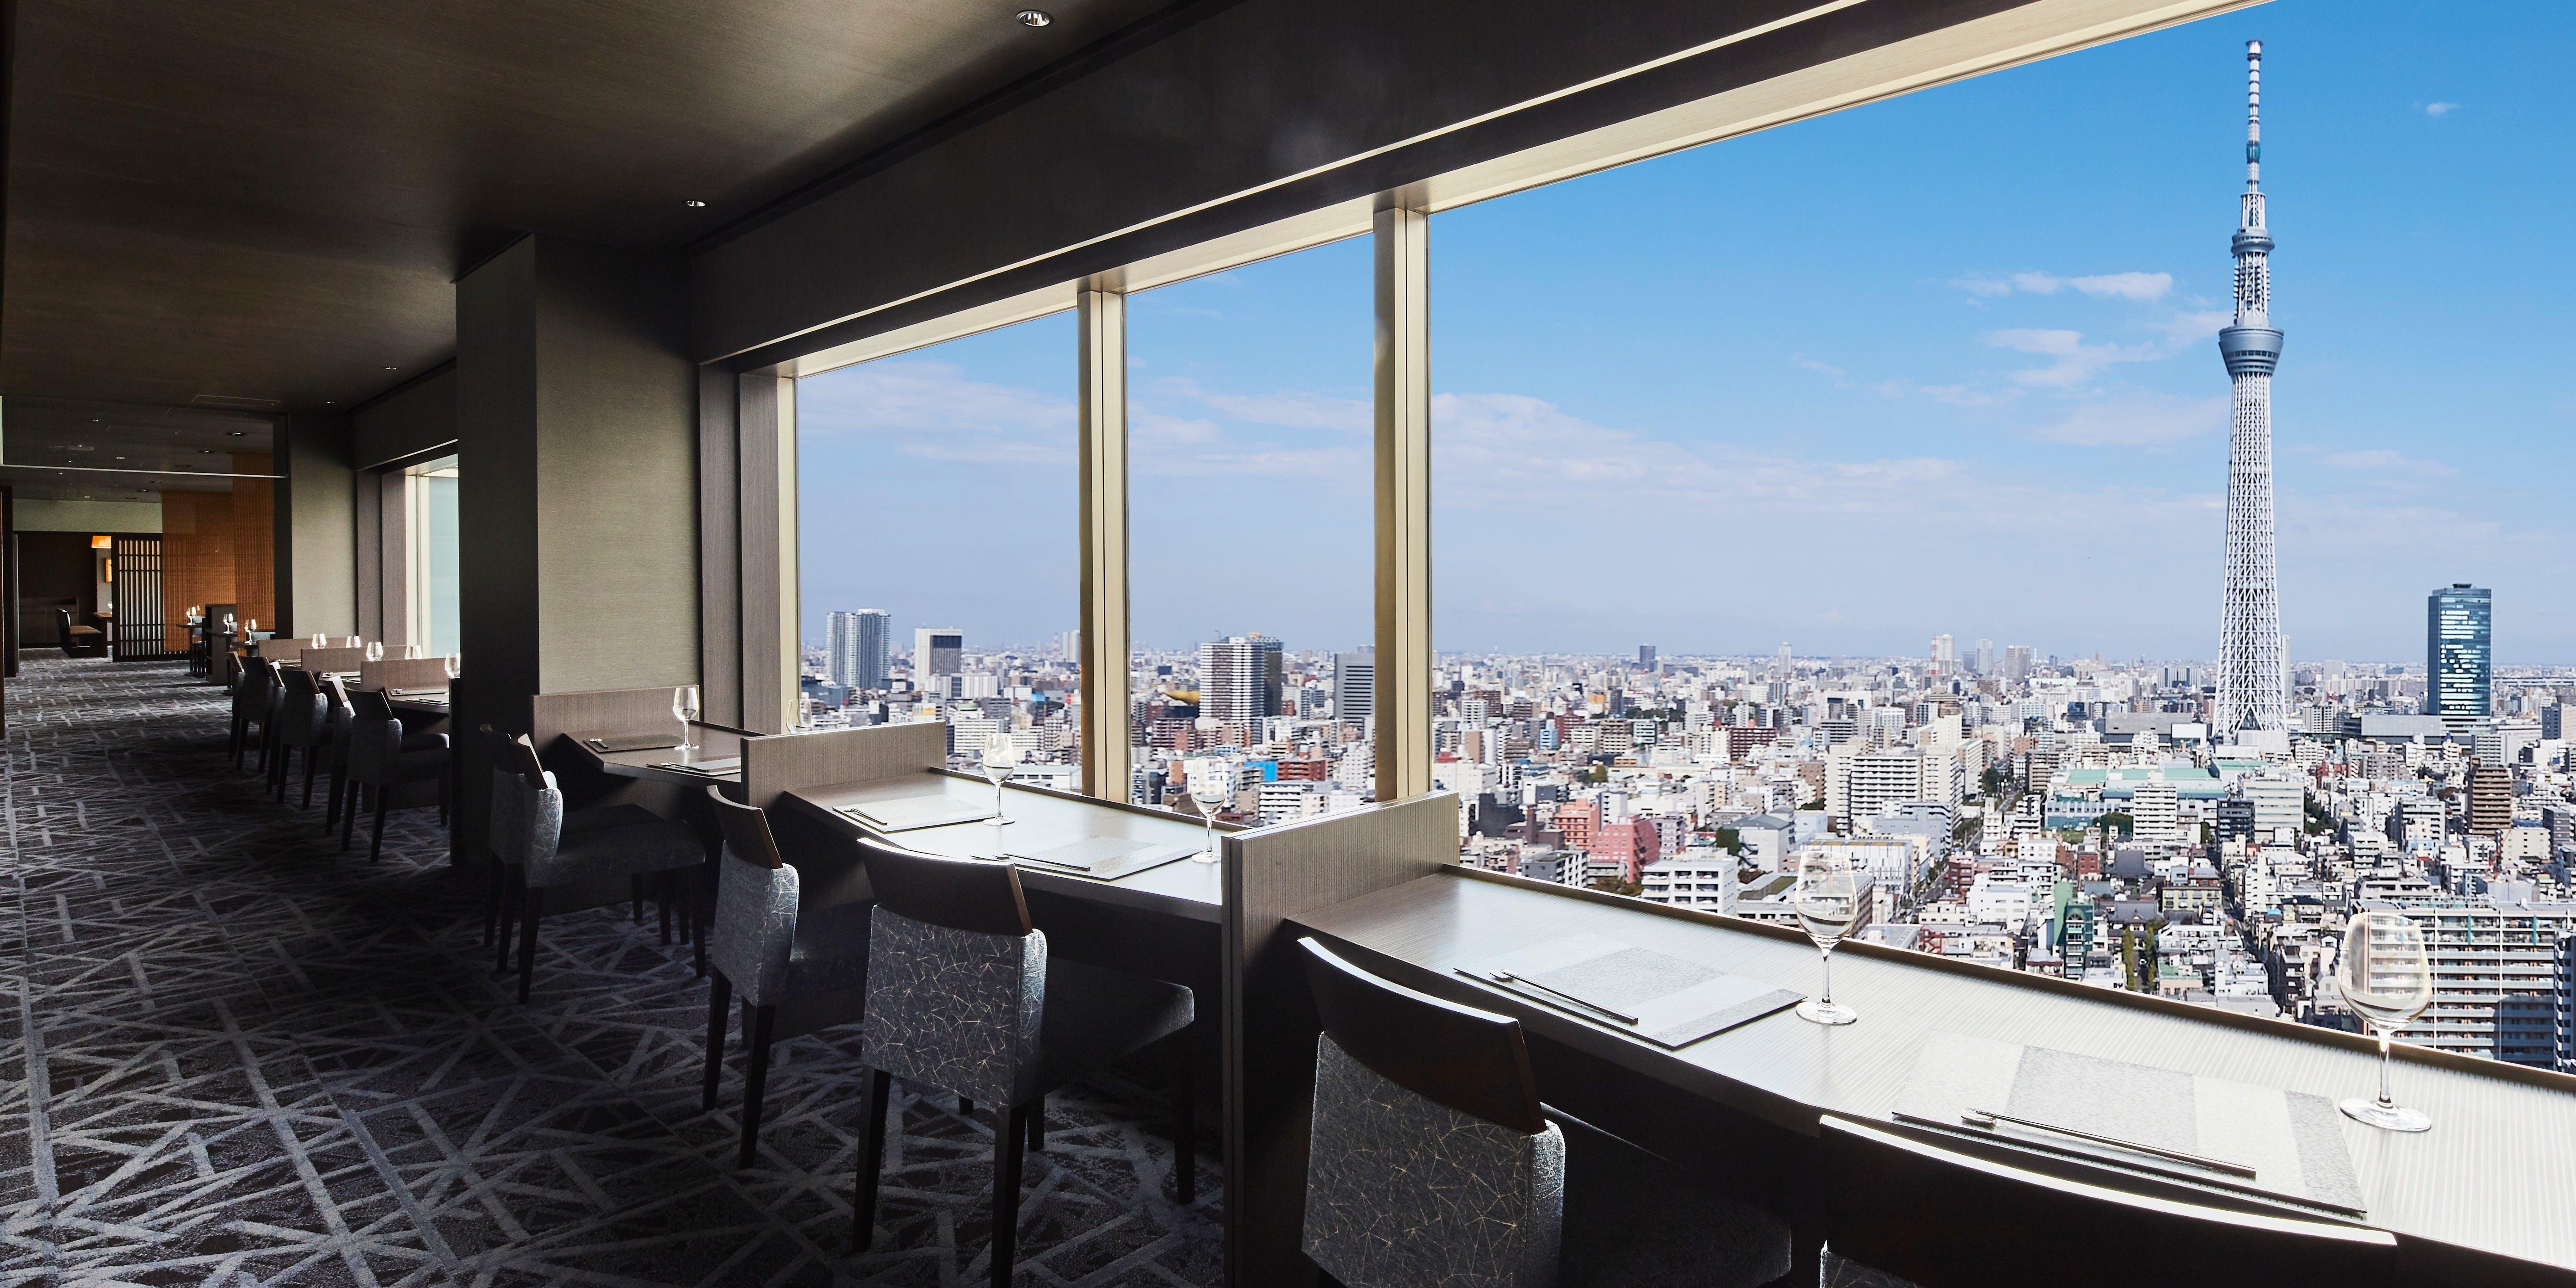 記念日におすすめのレストラン・スカイツリー(R)ビューレストラン 簾/東武ホテルレバント東京の写真2